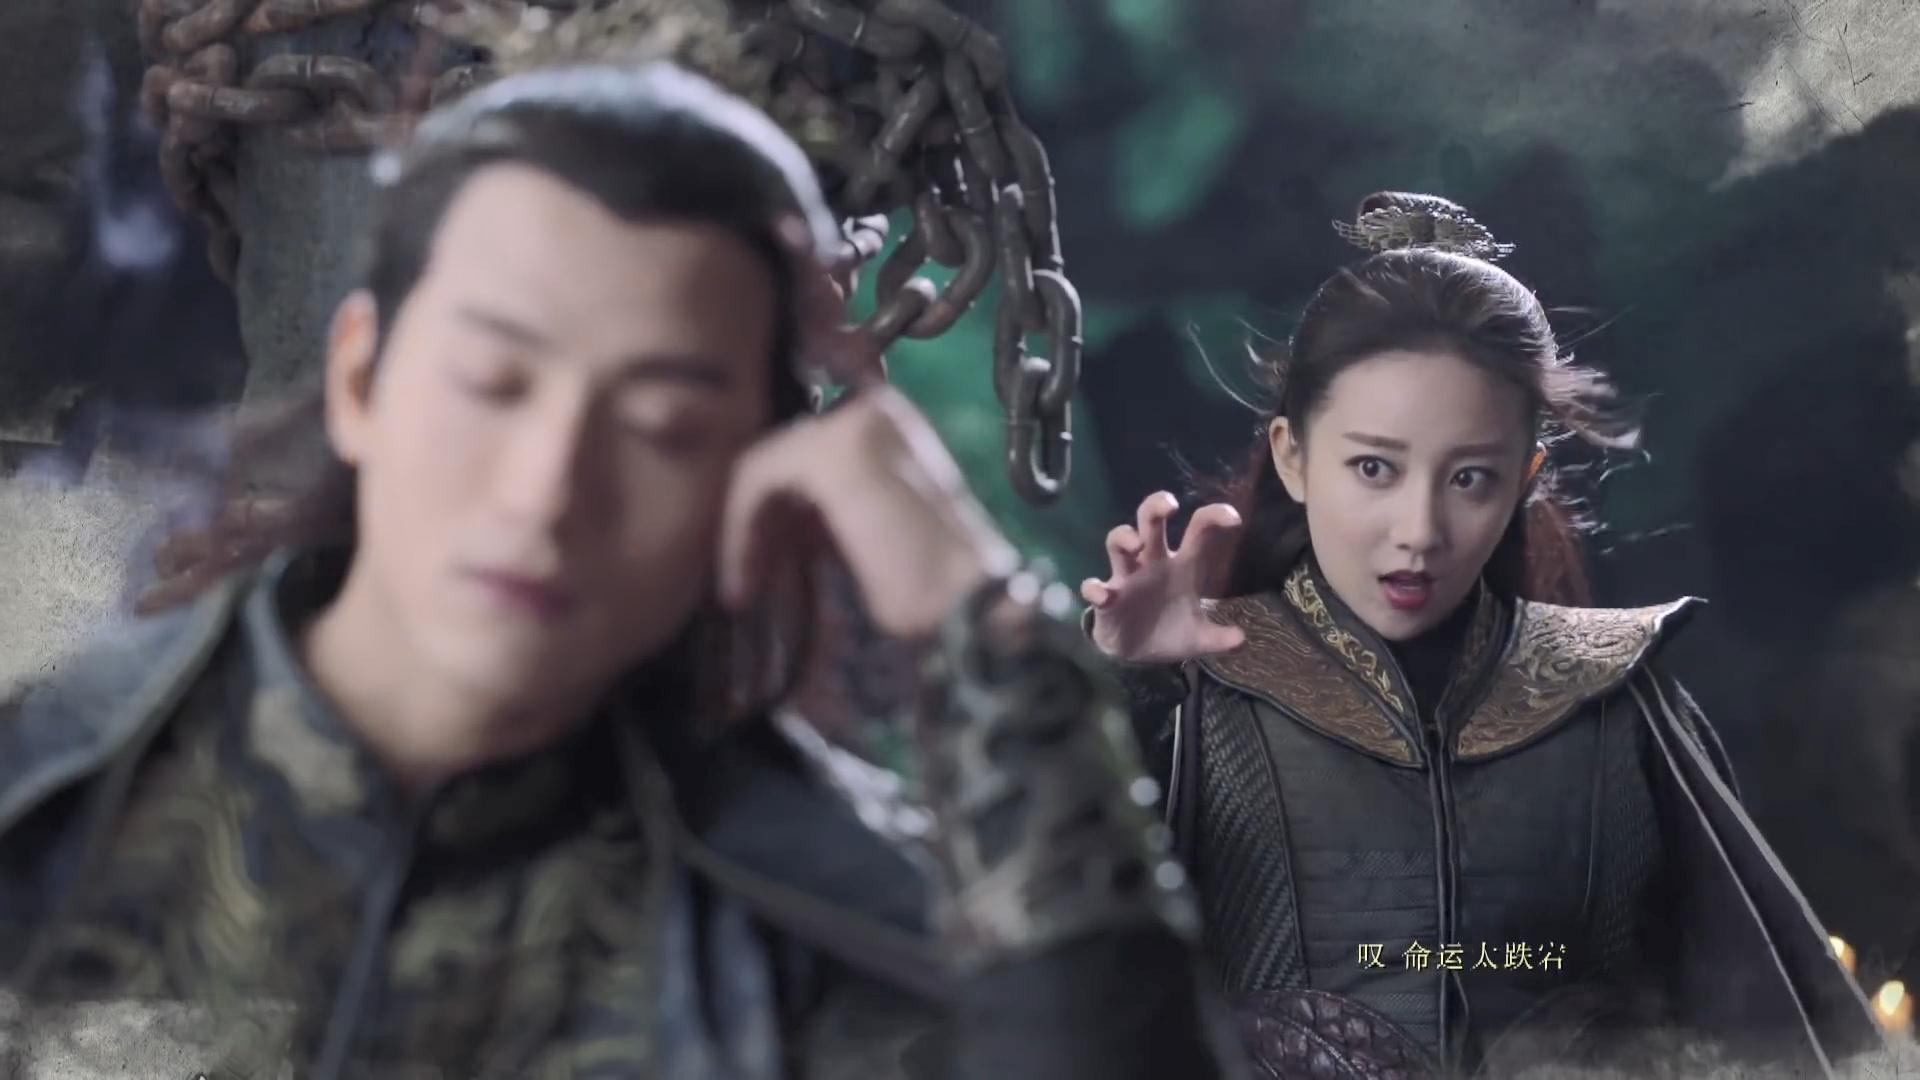 Mãng Hoang Kỷ 2019 Trần Mộng Dao trong vai Thủy Dịch